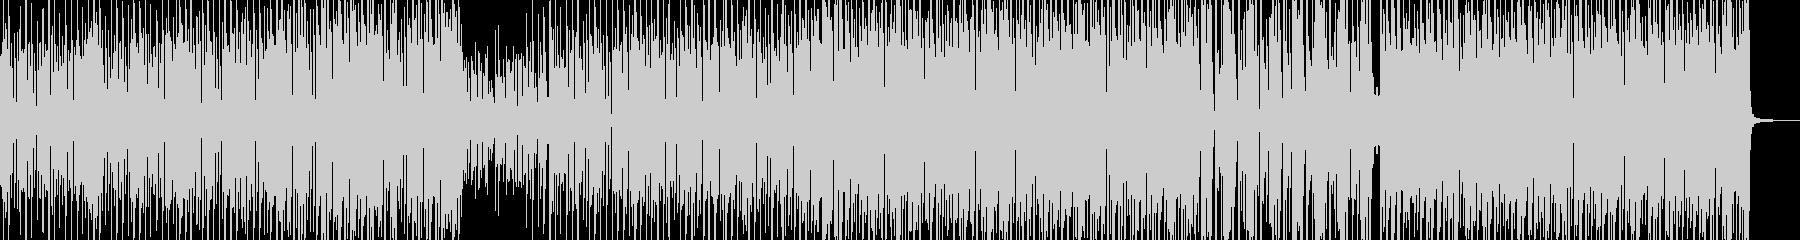 筋ᕦ(・ㅂ・)ᕤ肉・ガチムチテクノ Bの未再生の波形